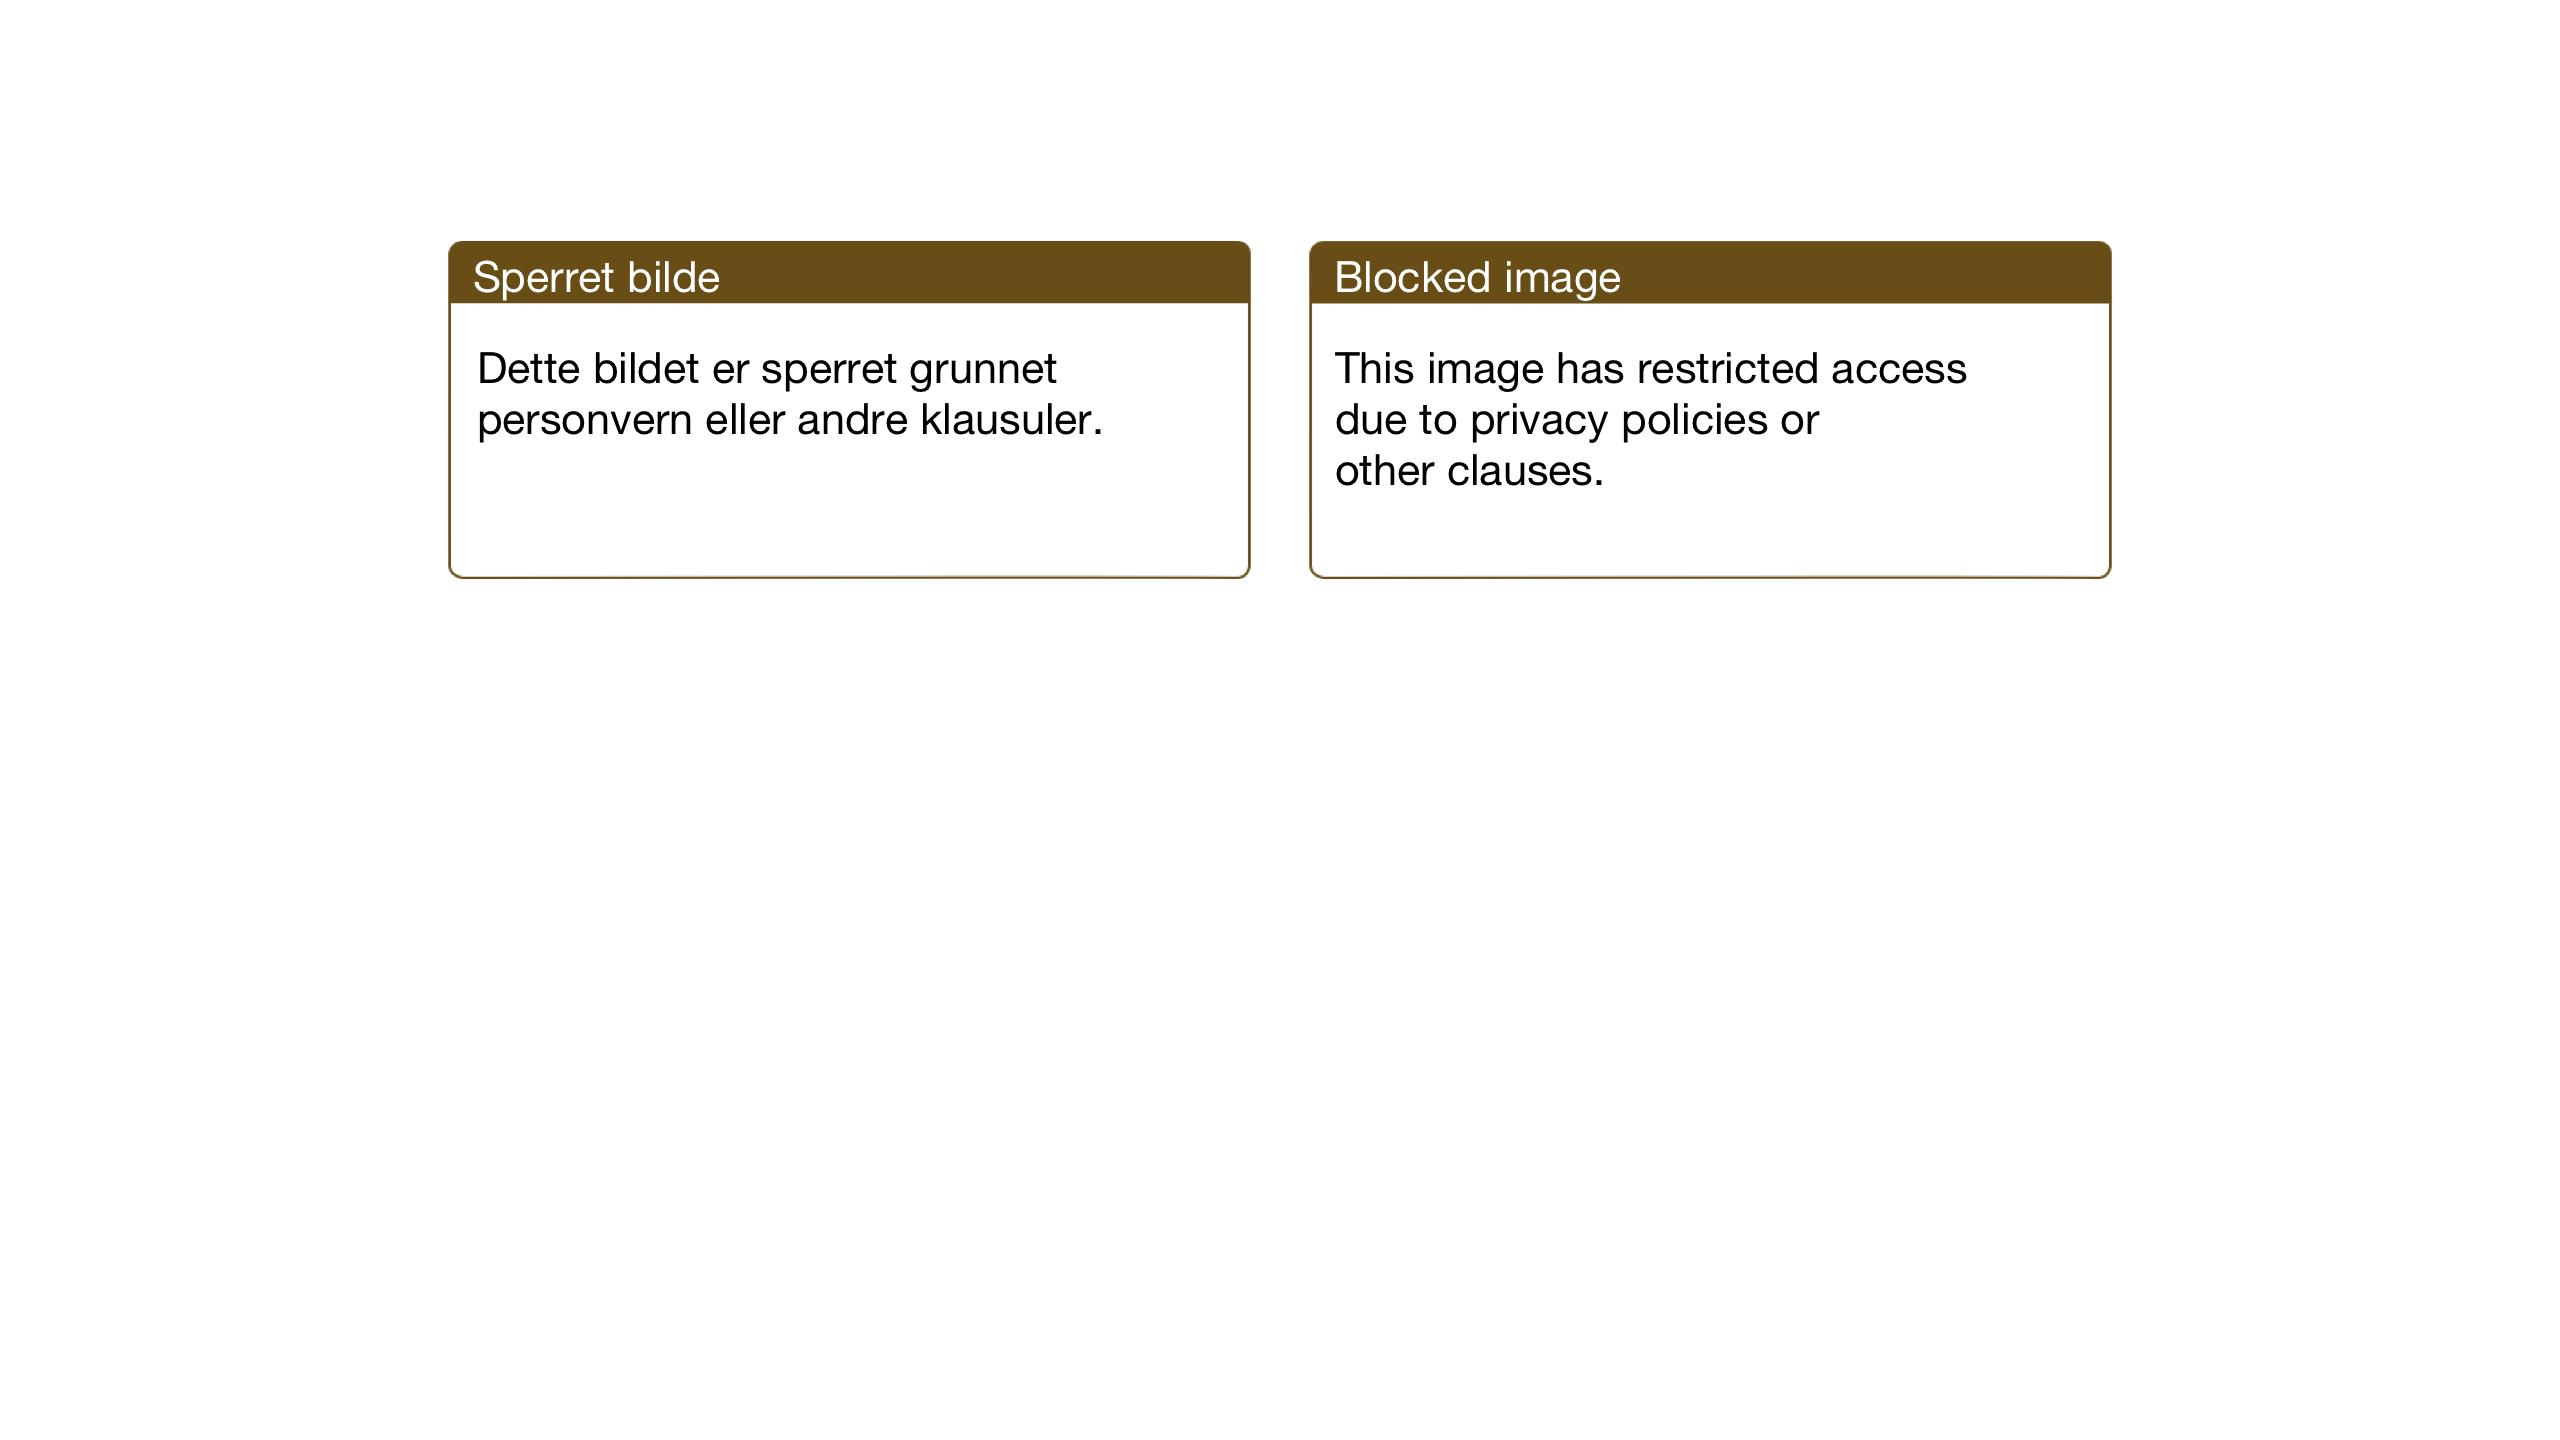 RA, Justisdepartementet, Sivilavdelingen (RA/S-6490), 2000, s. 2